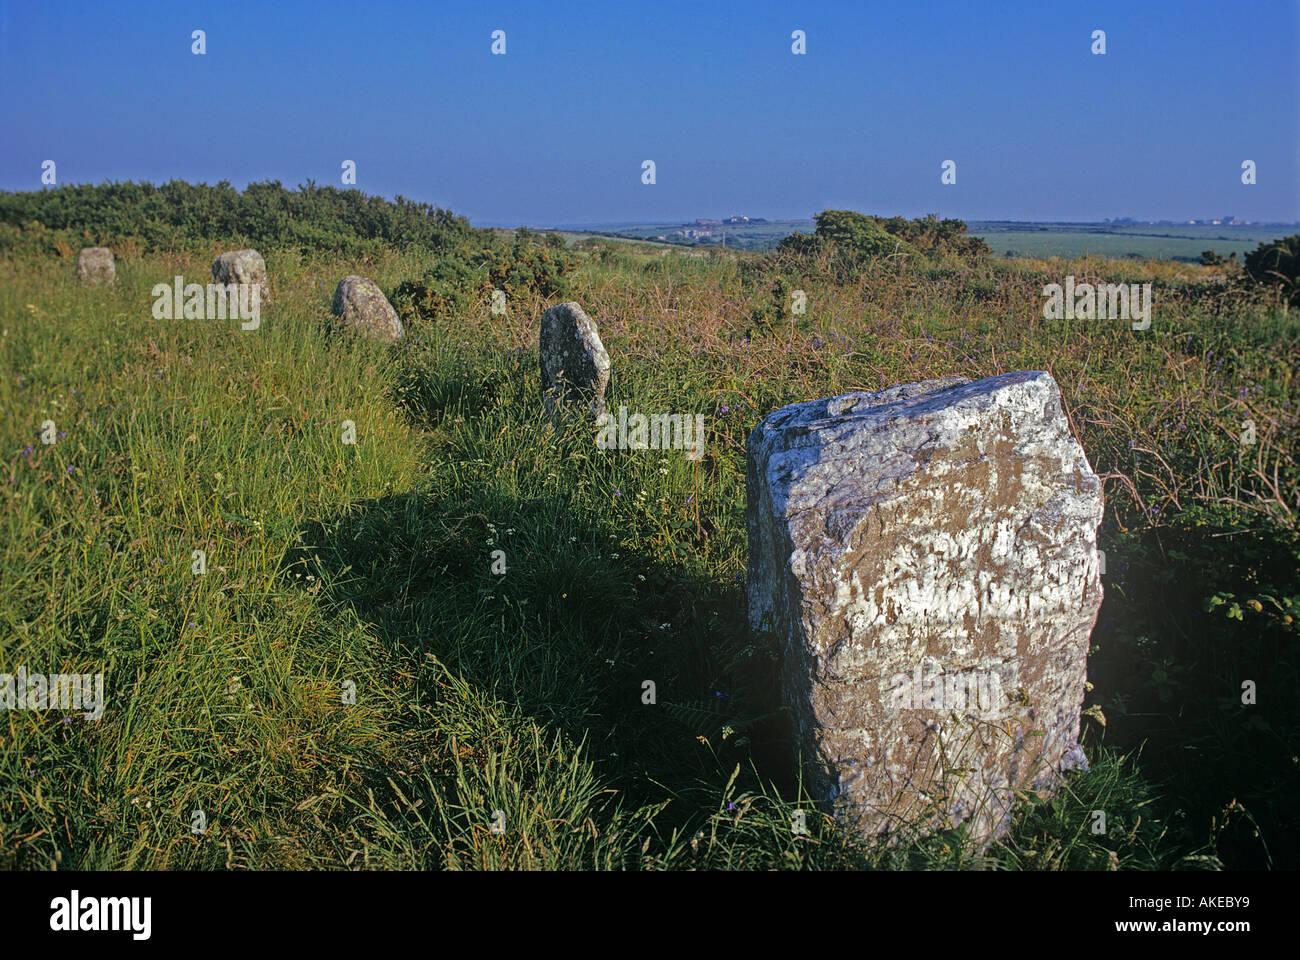 Seilfahrt un Steinkreis in der Nähe von Lands End ist 25 Fuß und enthält eine ungewöhnliche Quarzstein Stockbild